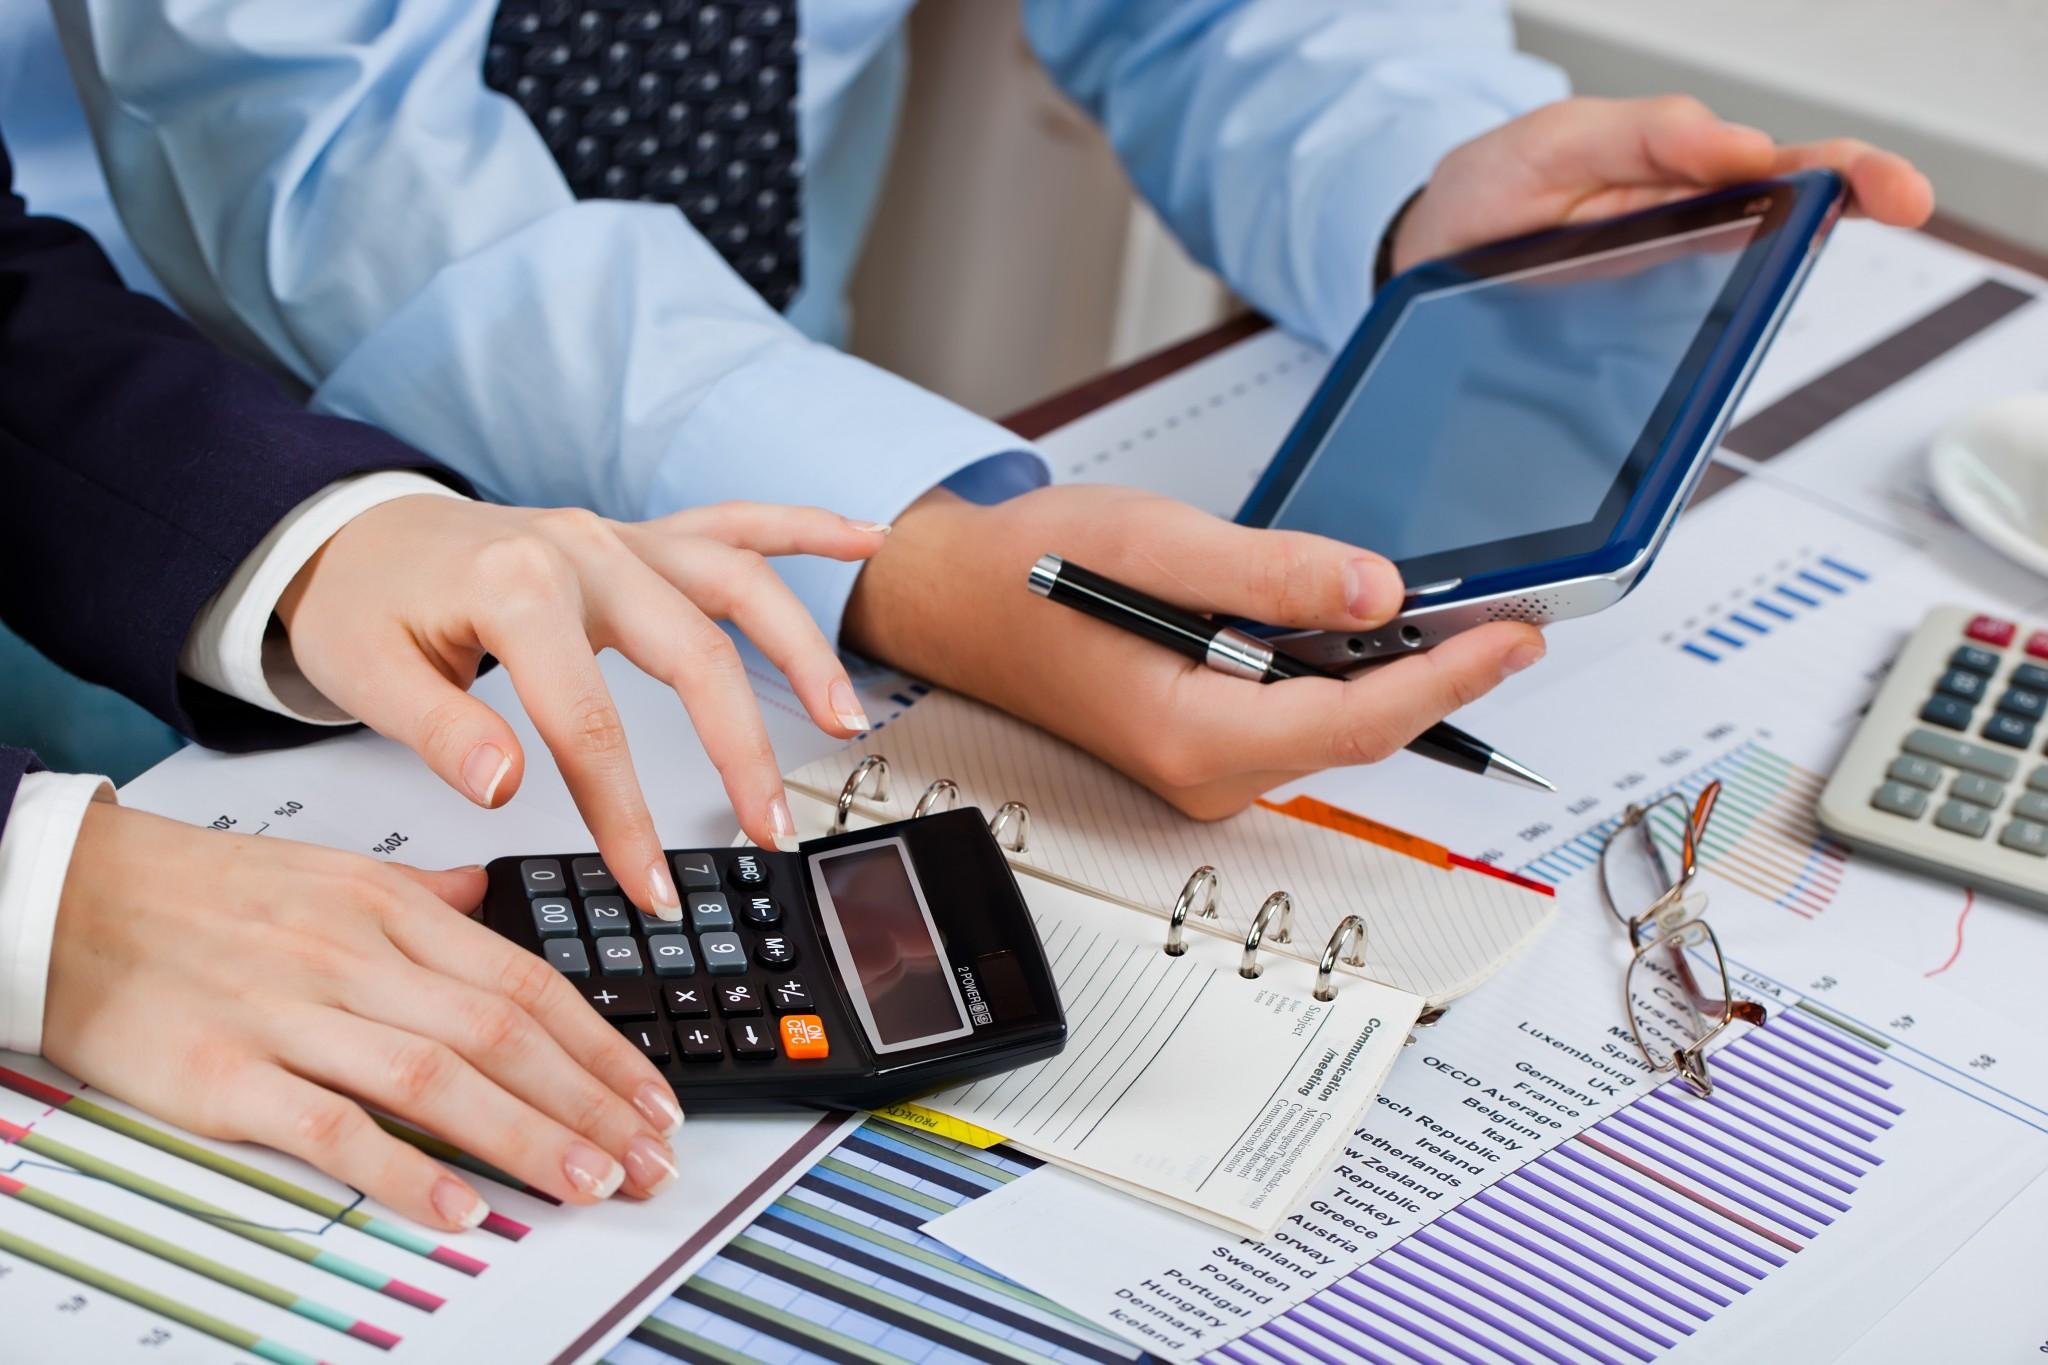 Бухгалтерии ведение компании договор комиссии услуг бухгалтерский учет